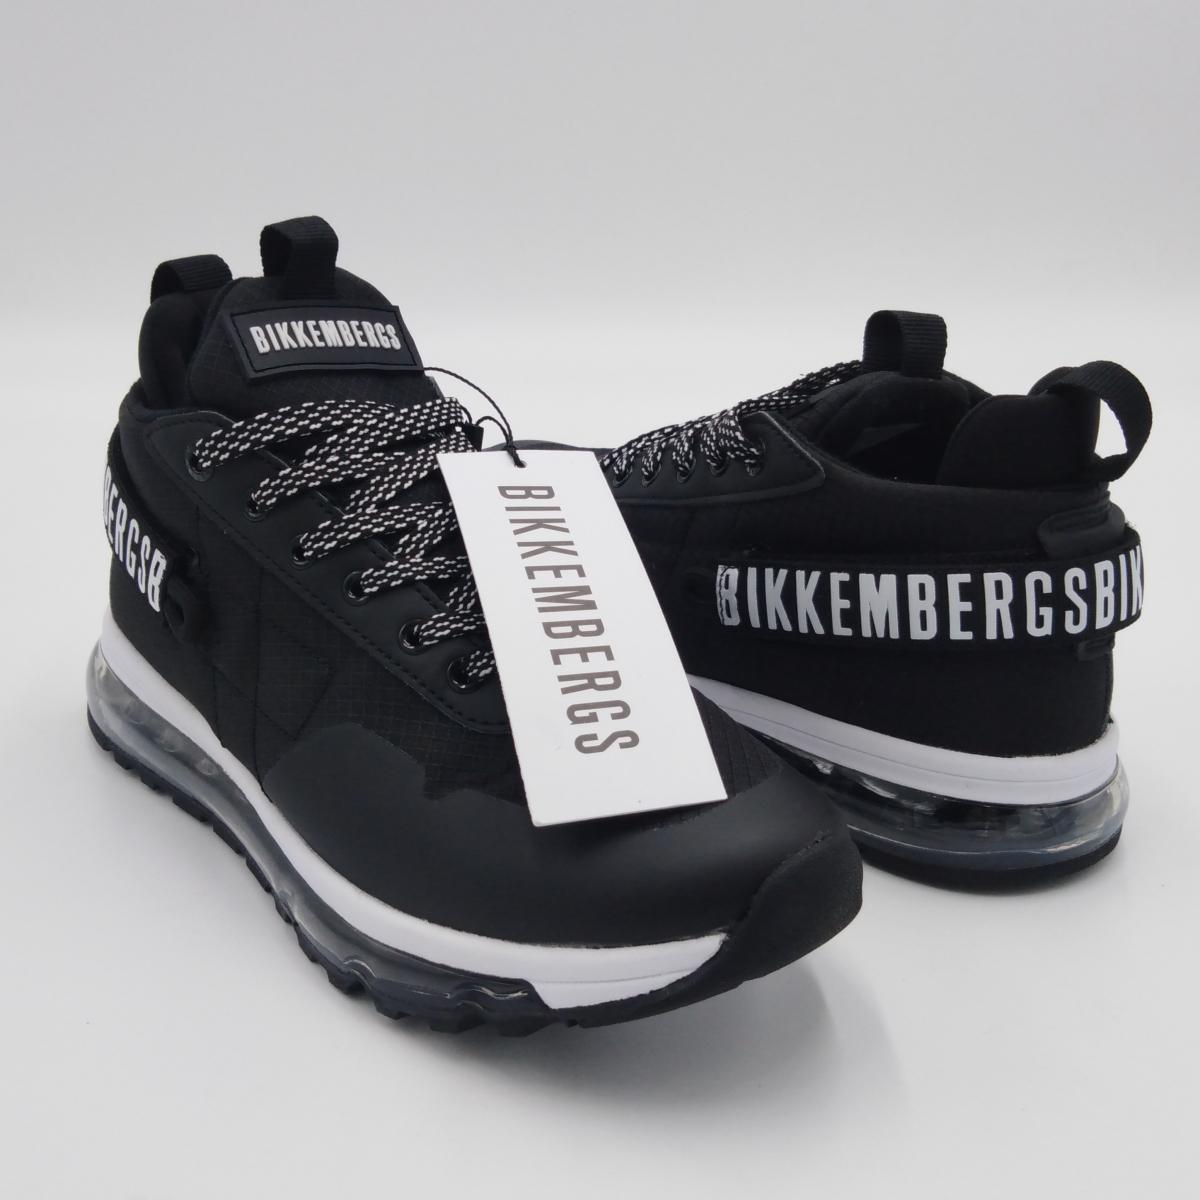 Bikkembergs -Sneaker...